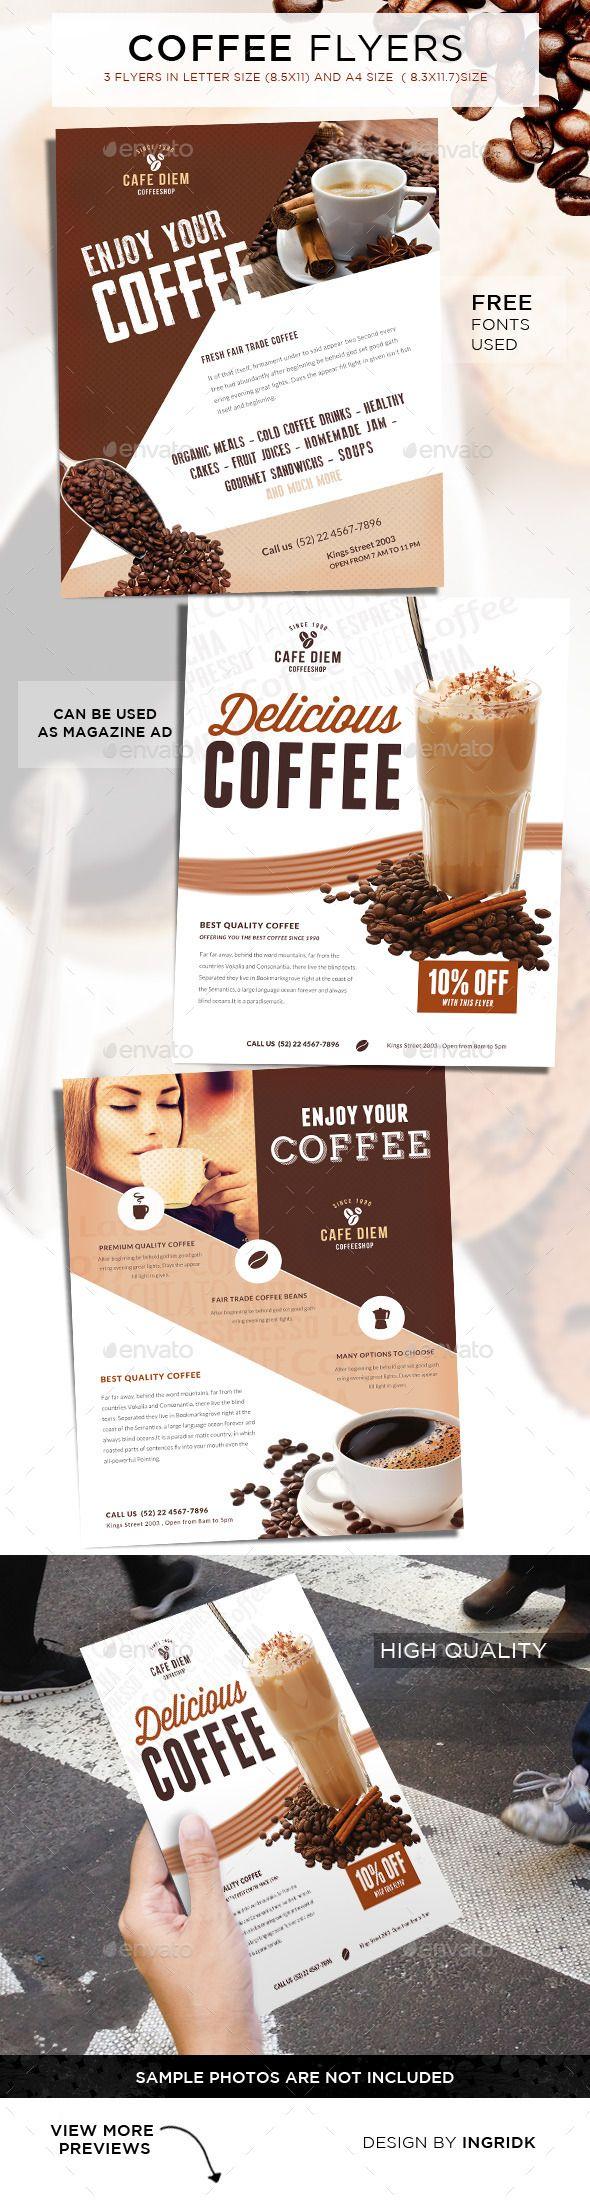 Premium Coffee Flyers / Magazine Ad - Commerce Flyers